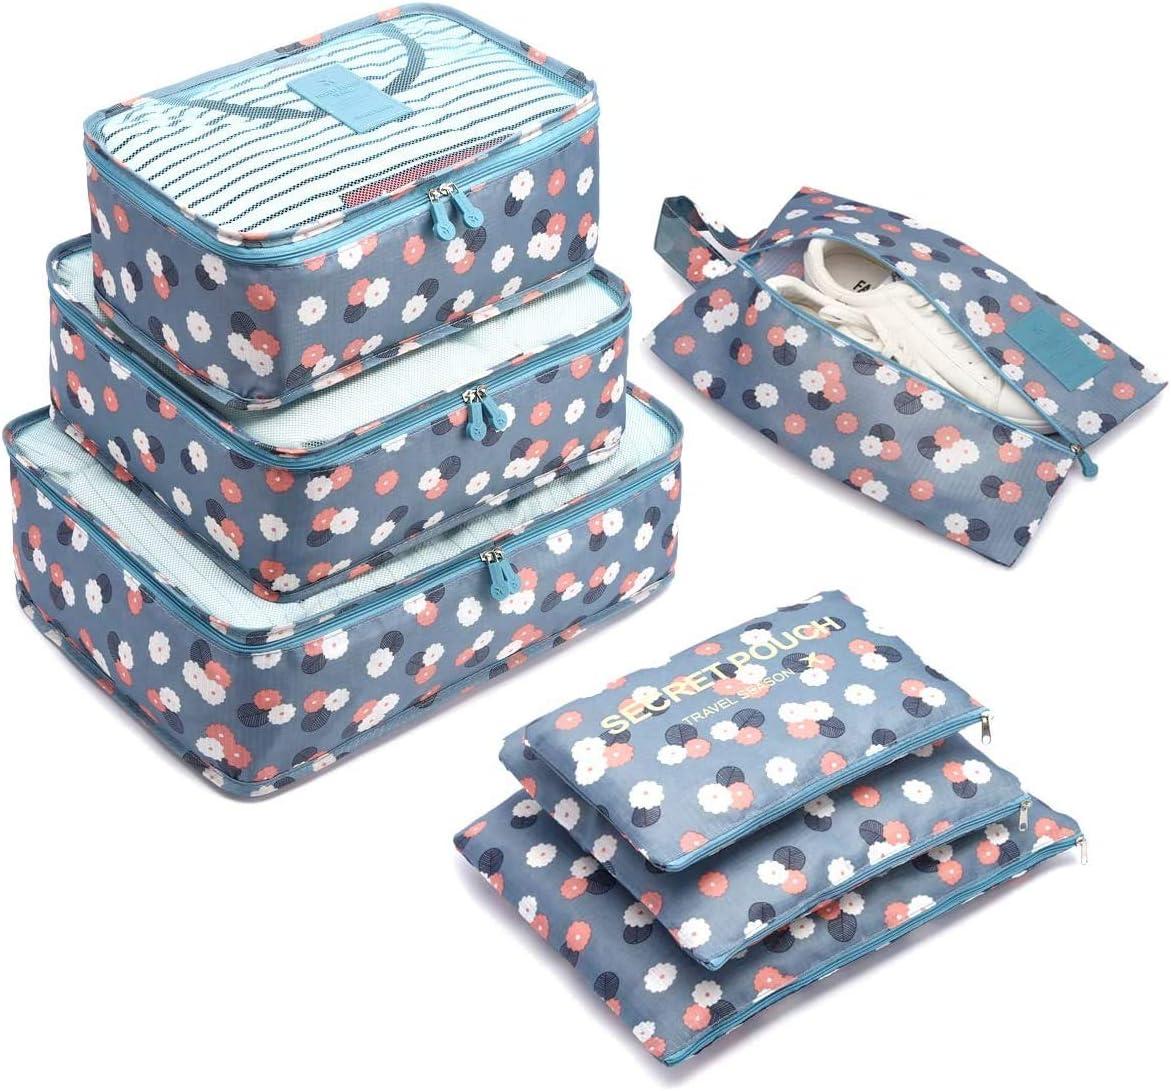 7 Set de Organizador de Equipaje, Impermeable Organizador de Maleta Bolsa para Ropa Sucia de Viaje, Material Nylon(2Blue Flower)